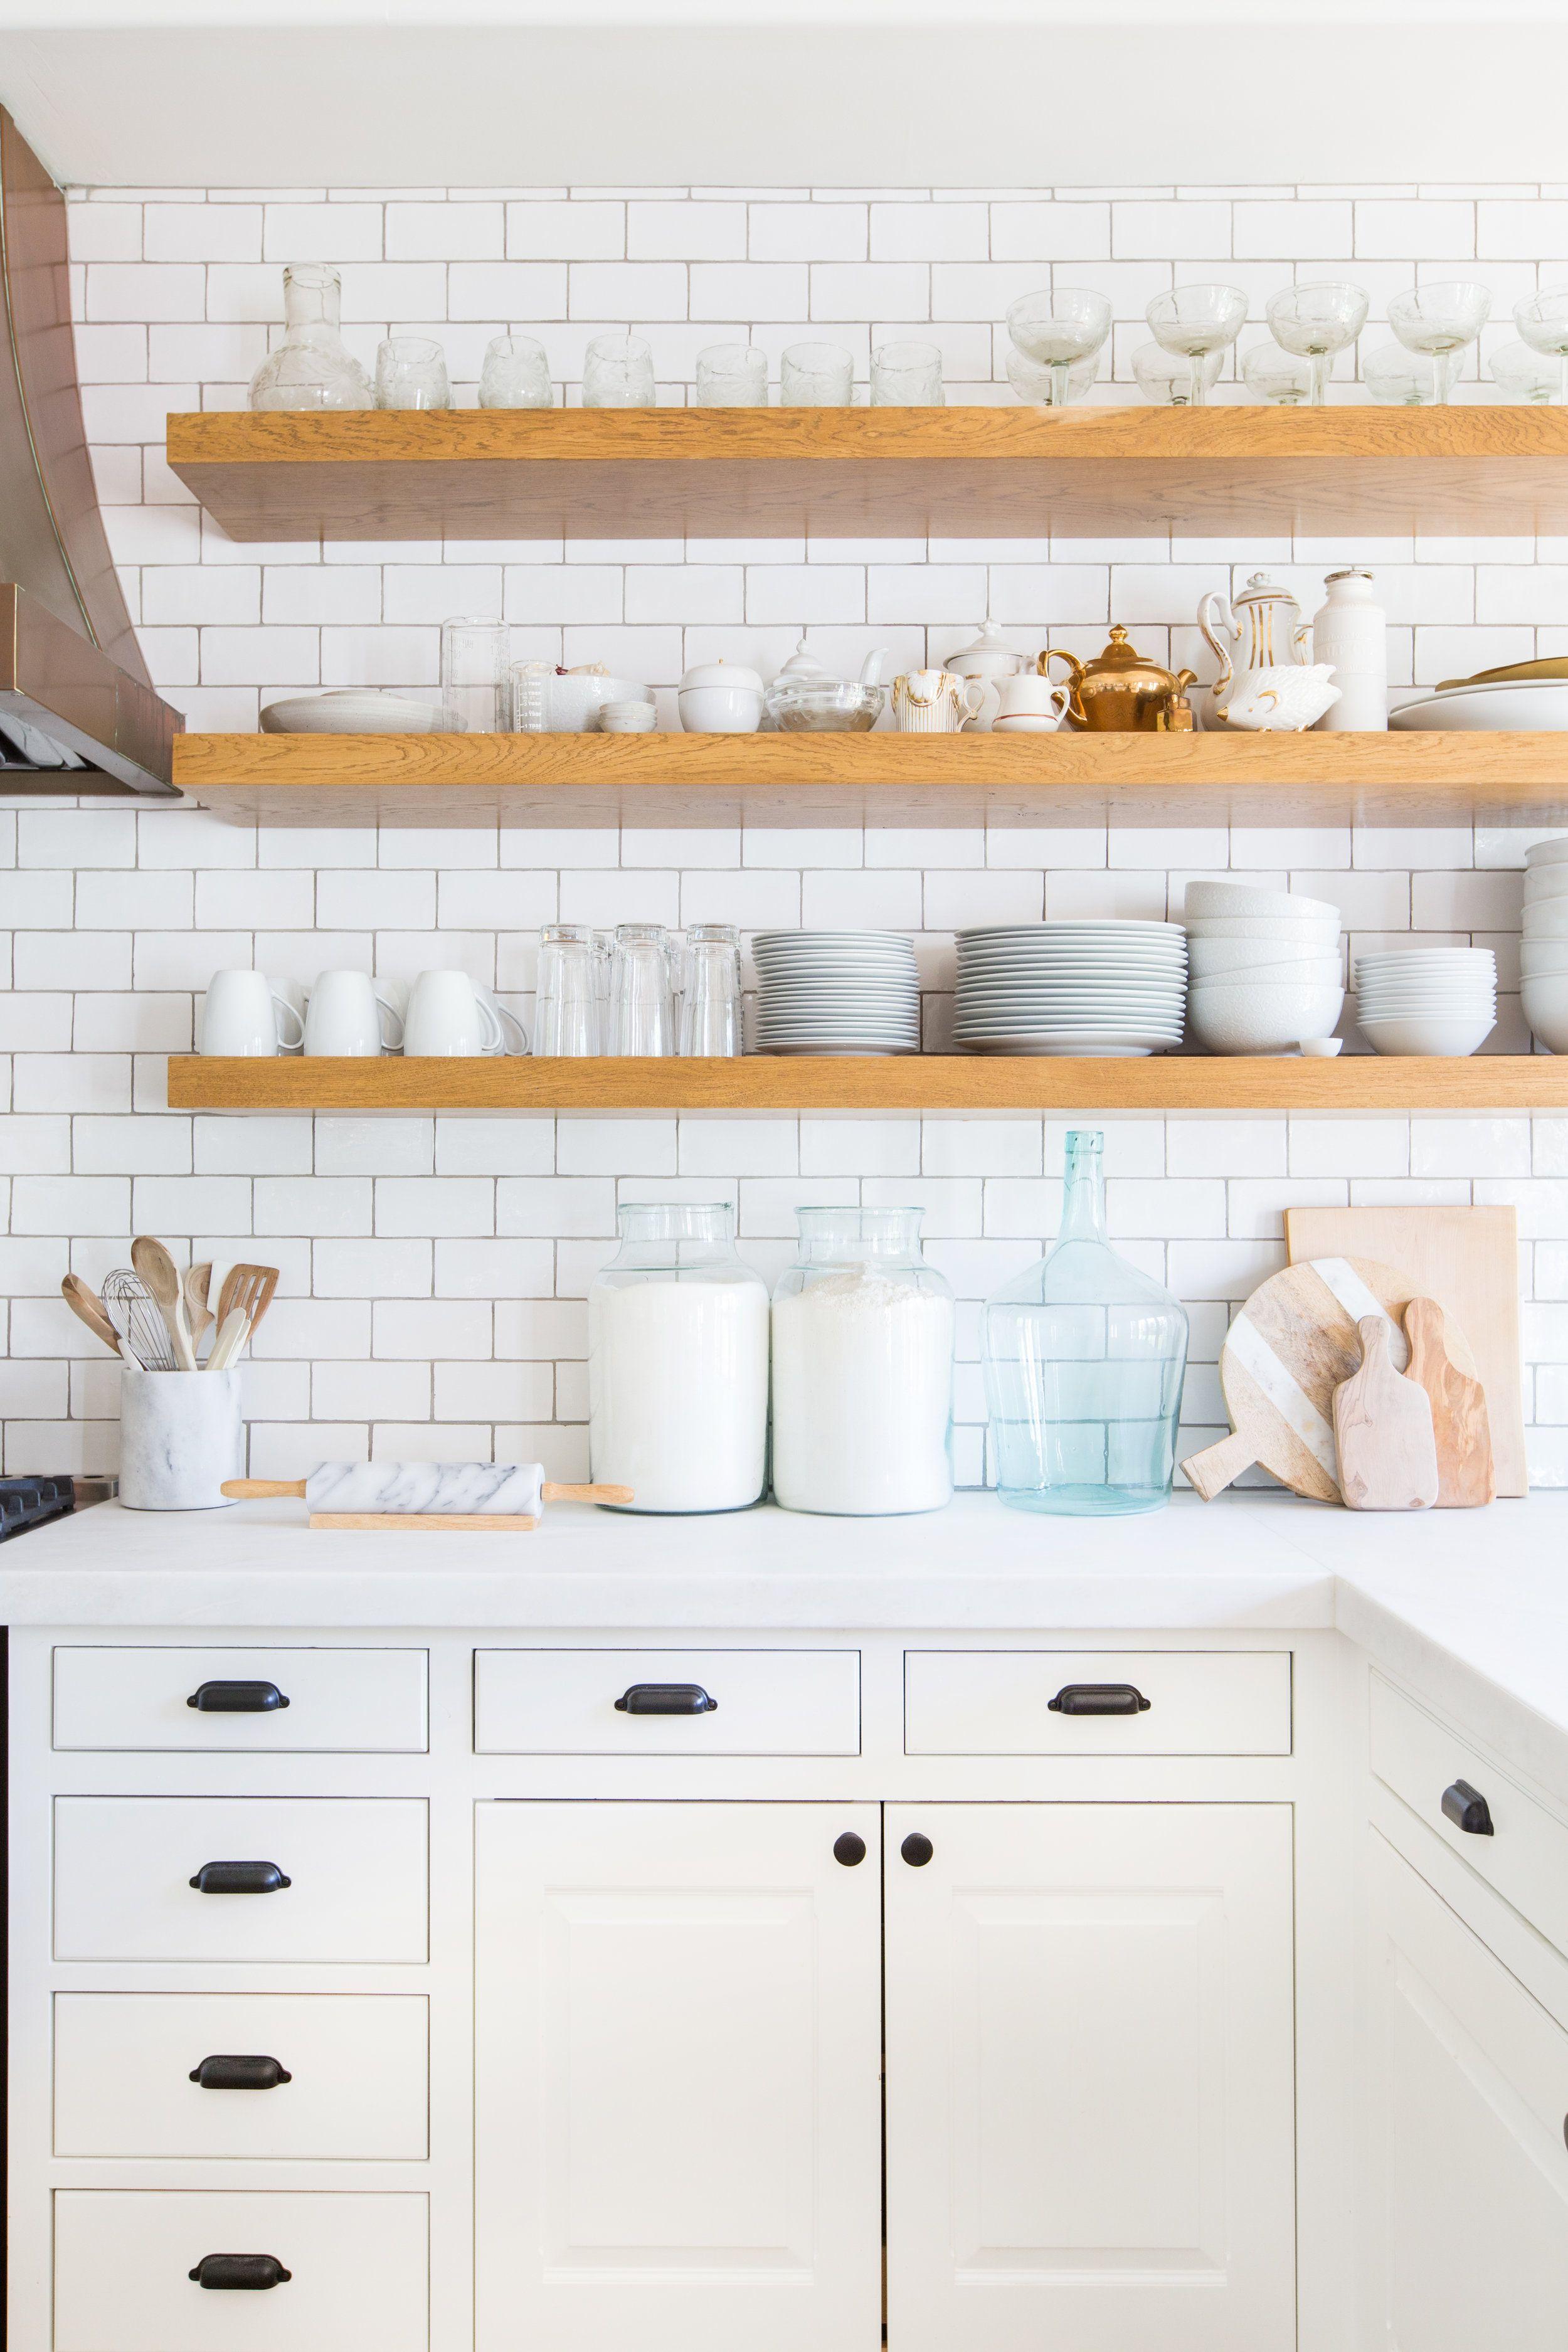 Wunderbar Ganz Weiße Küche, Pastell Küche, Küchentrends, Küchen Design, Ideen Für Die  Küche, Moderne Küchen, Weiße Küchen, Holzregal, Küche Einrichten